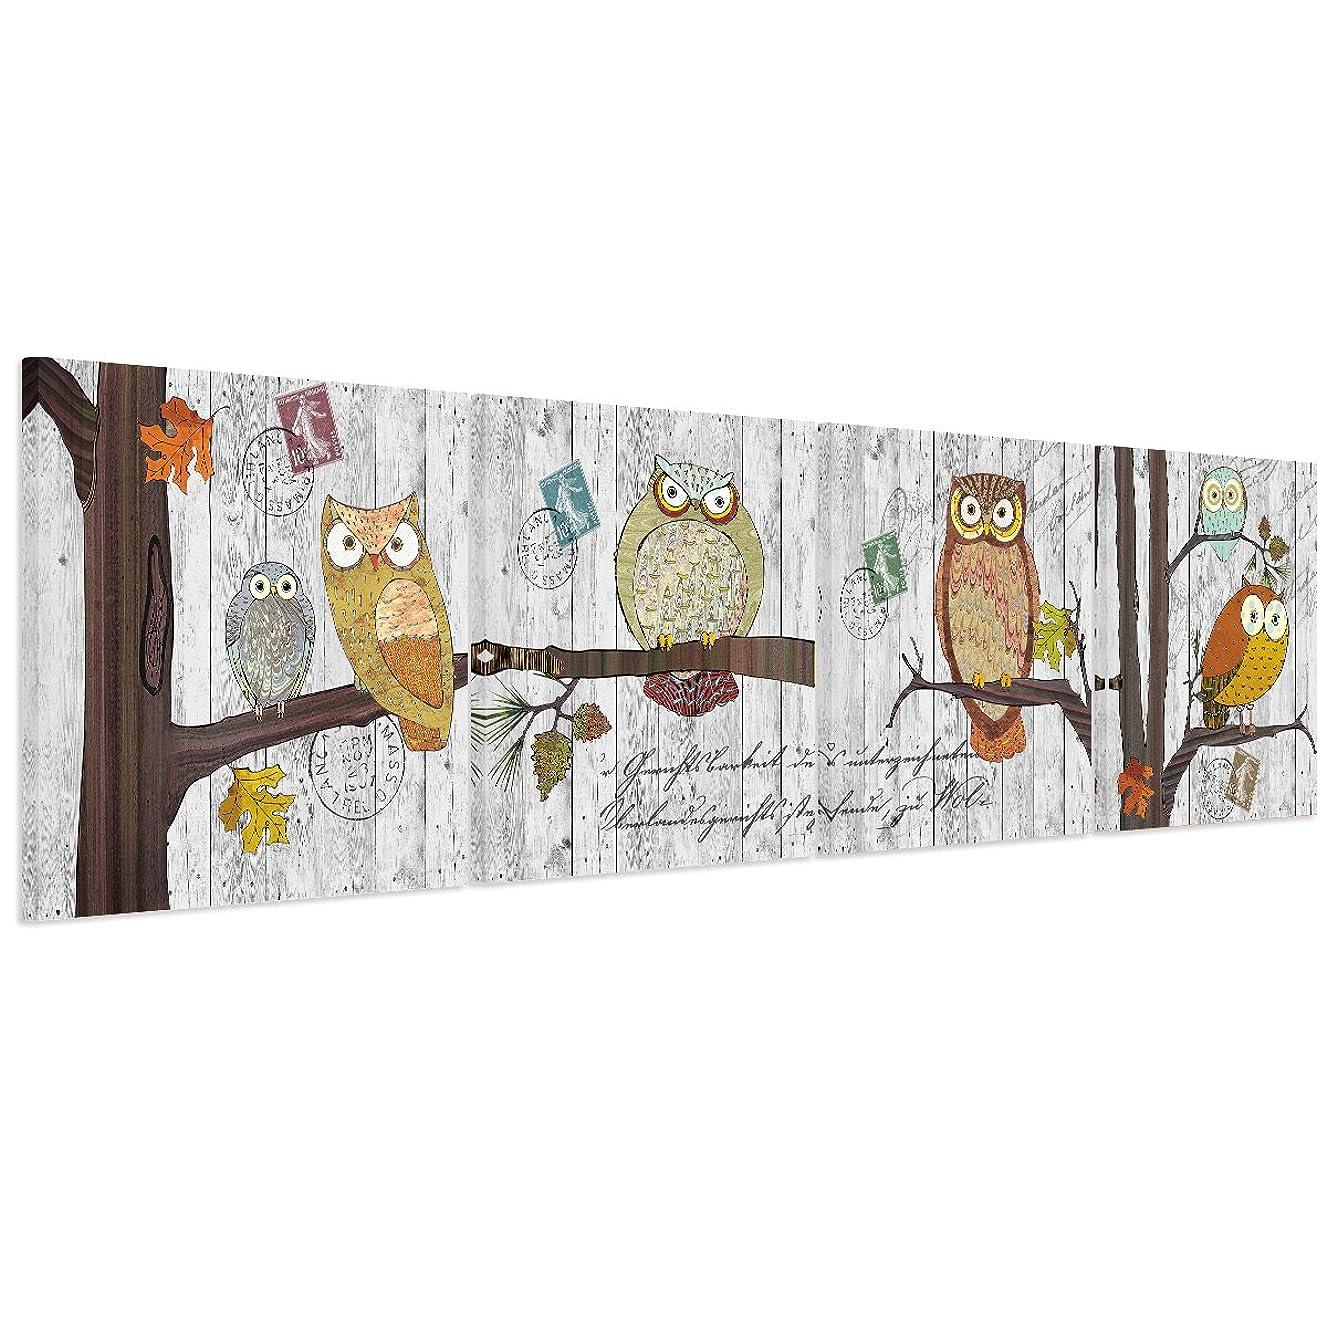 作動するスチュワーデス報復する大人のための番号のキット、居間の寝室の装飾のための中国の優雅なダンサー5D DIYのラインストーンの絵画工芸品の家の壁の装飾30x40cm / 12x16